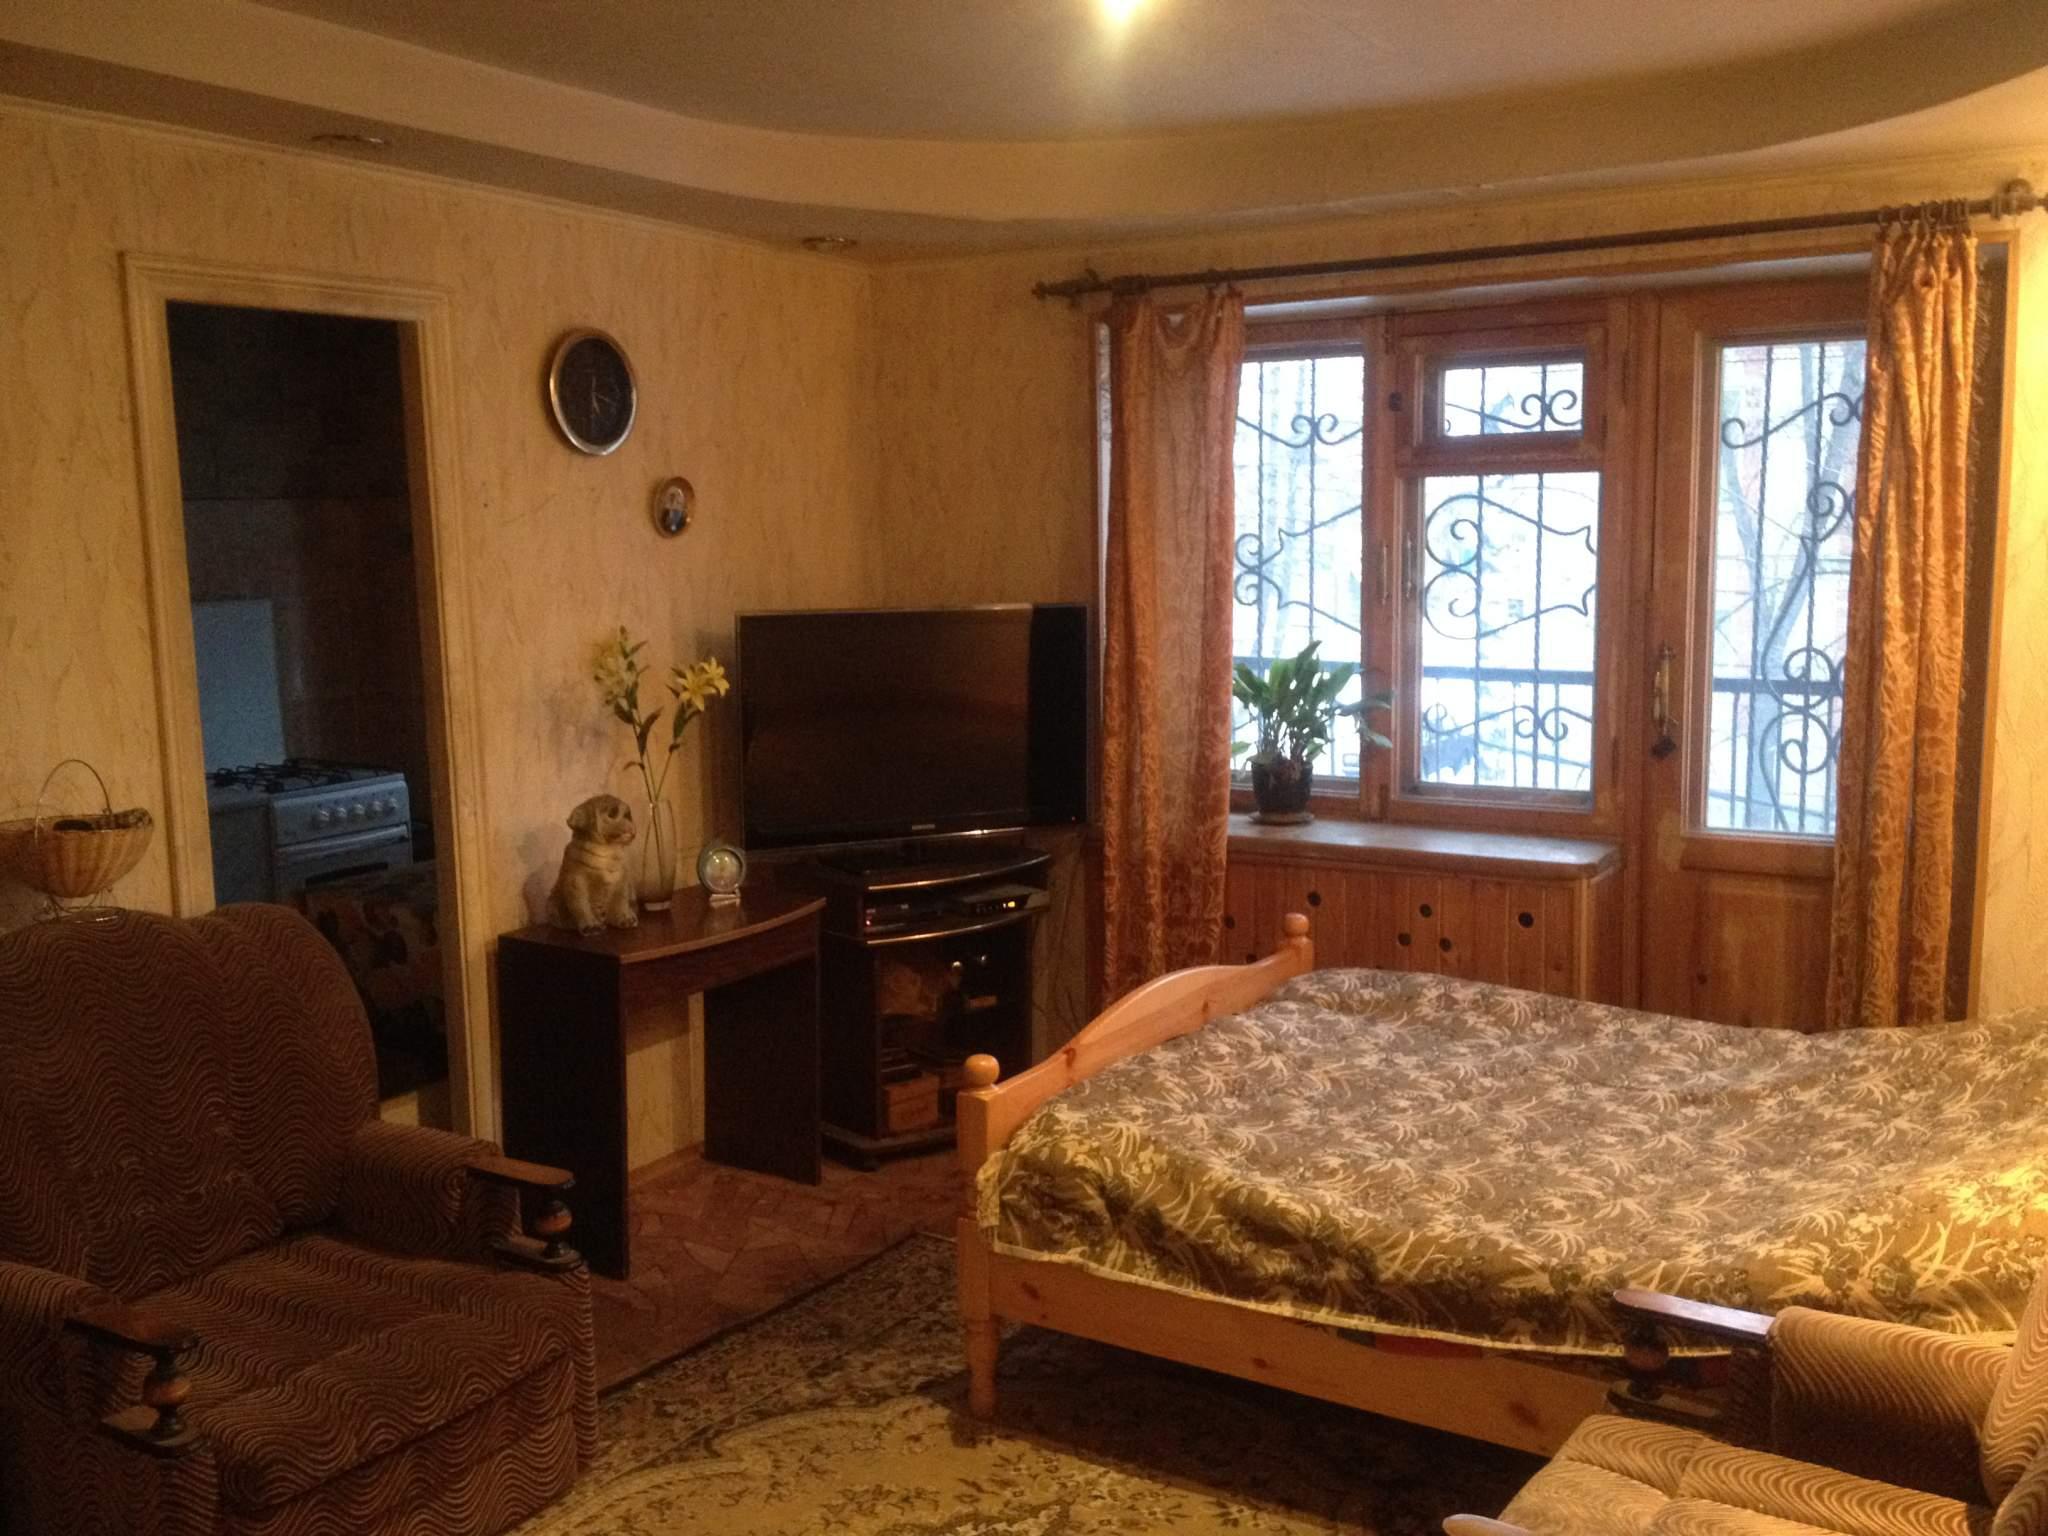 Сдам 1-комнатную квартиру, красноярск, светлогорский пер, 12500 руб, помесячно